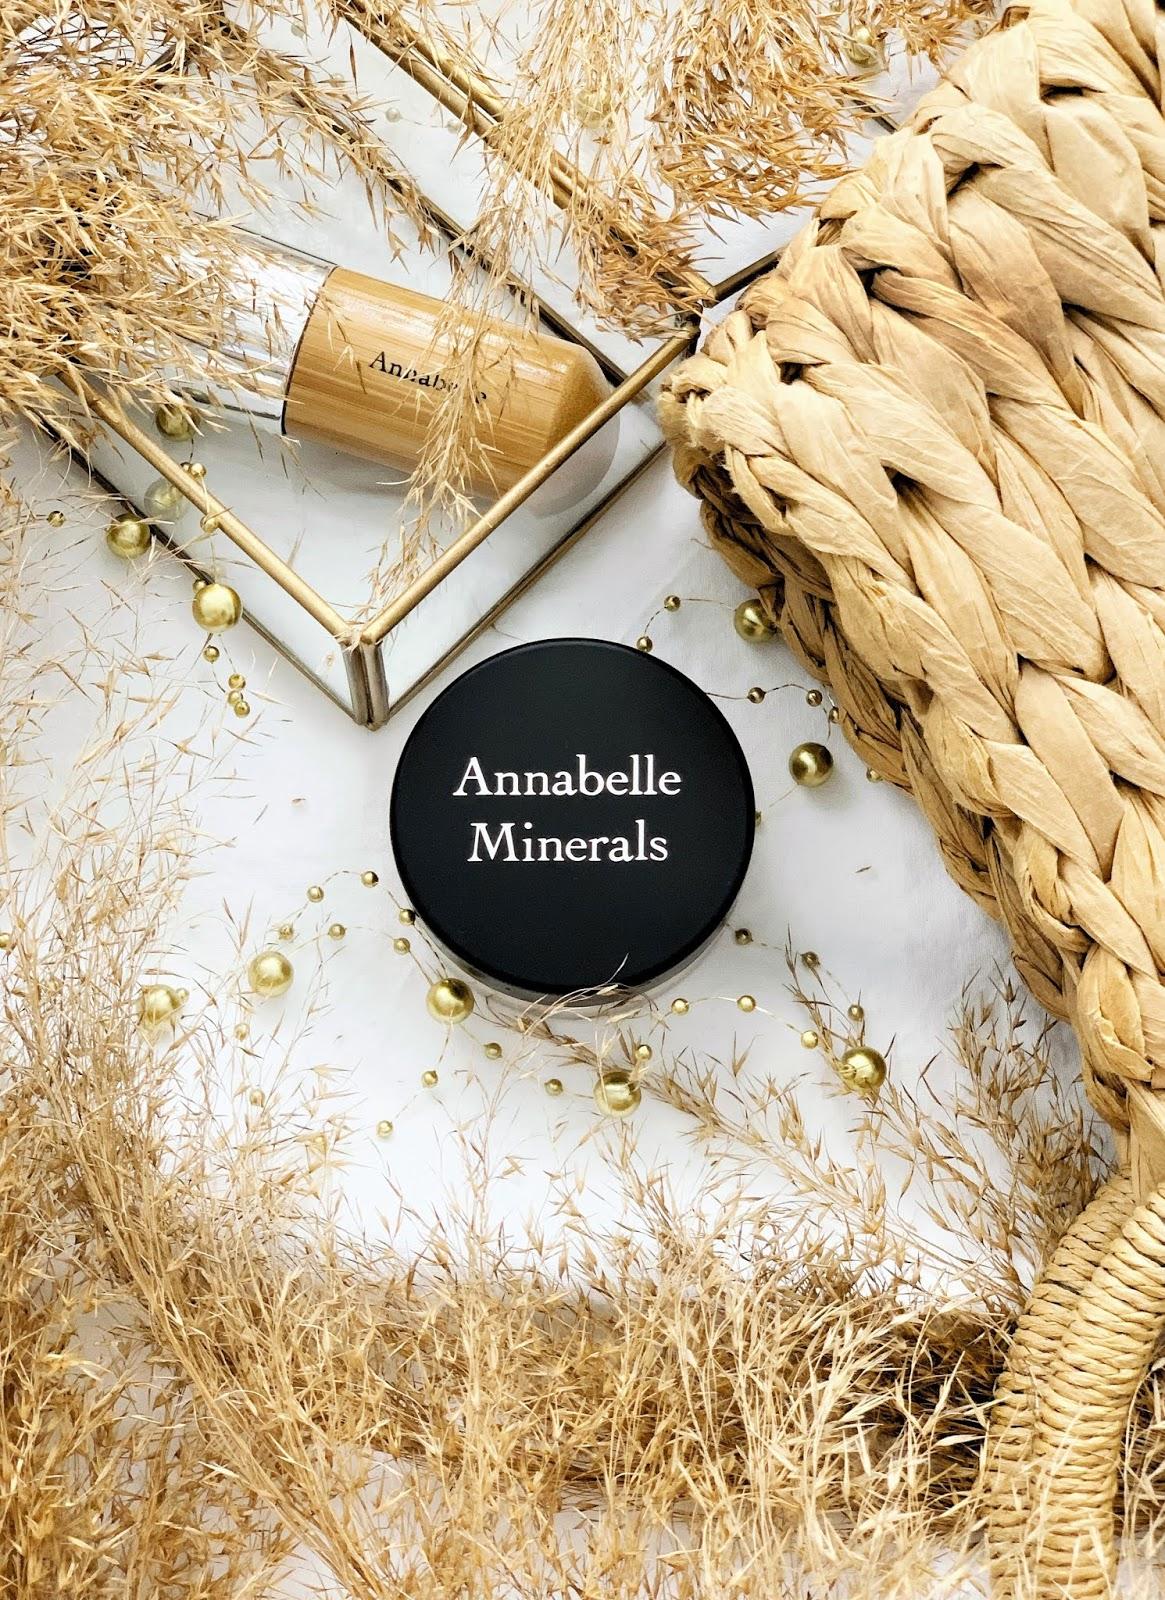 Podkład rozświetlający Annabelle Minerals - recenzja